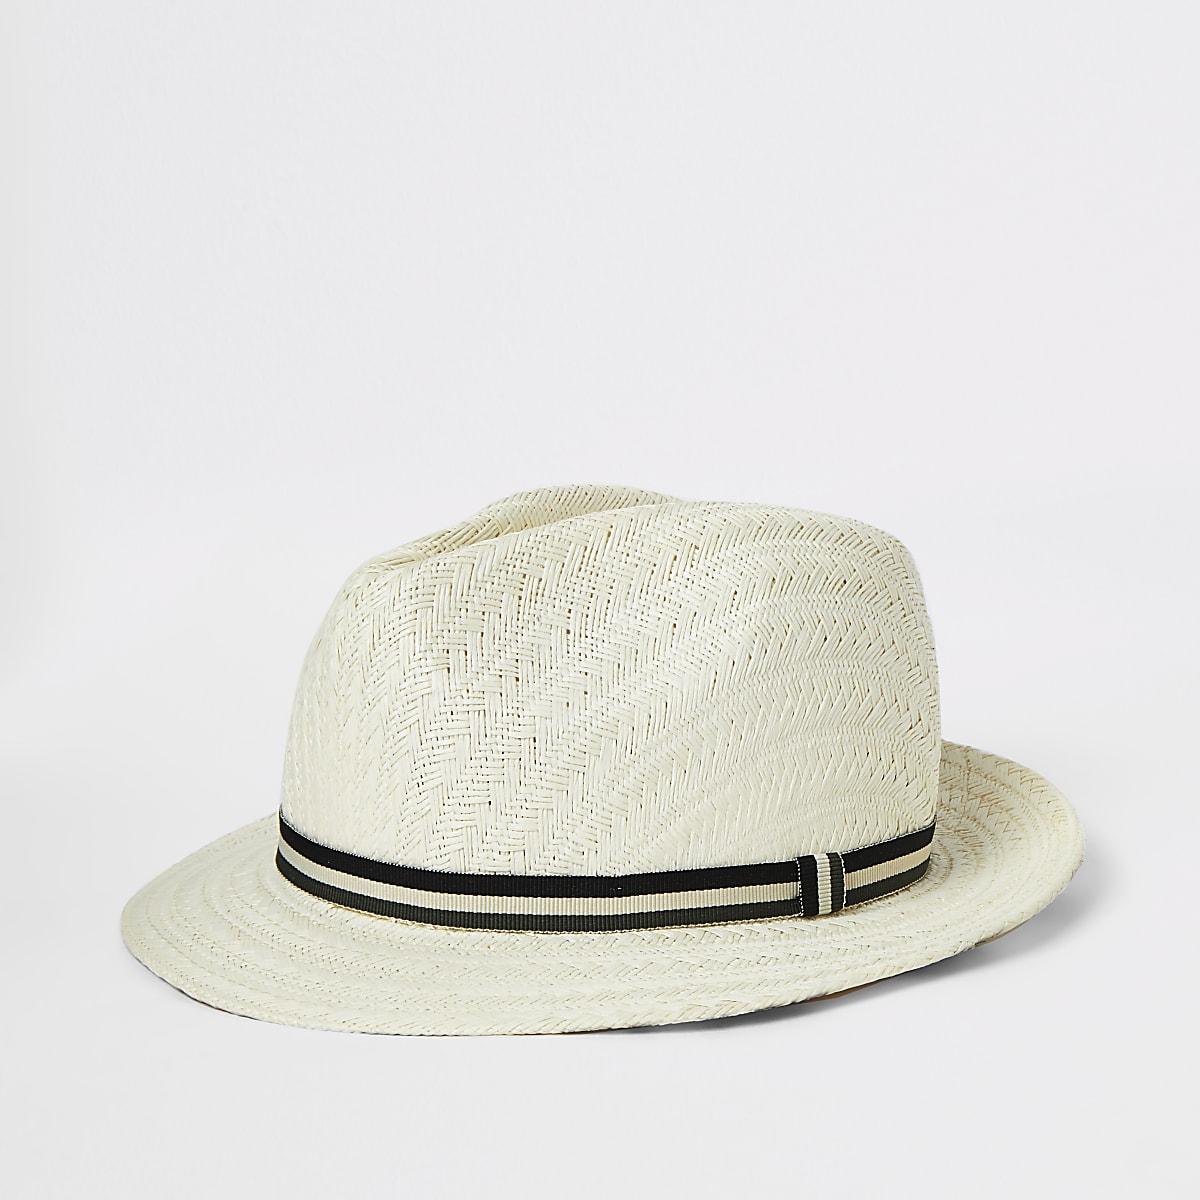 Boys light brown straw hat